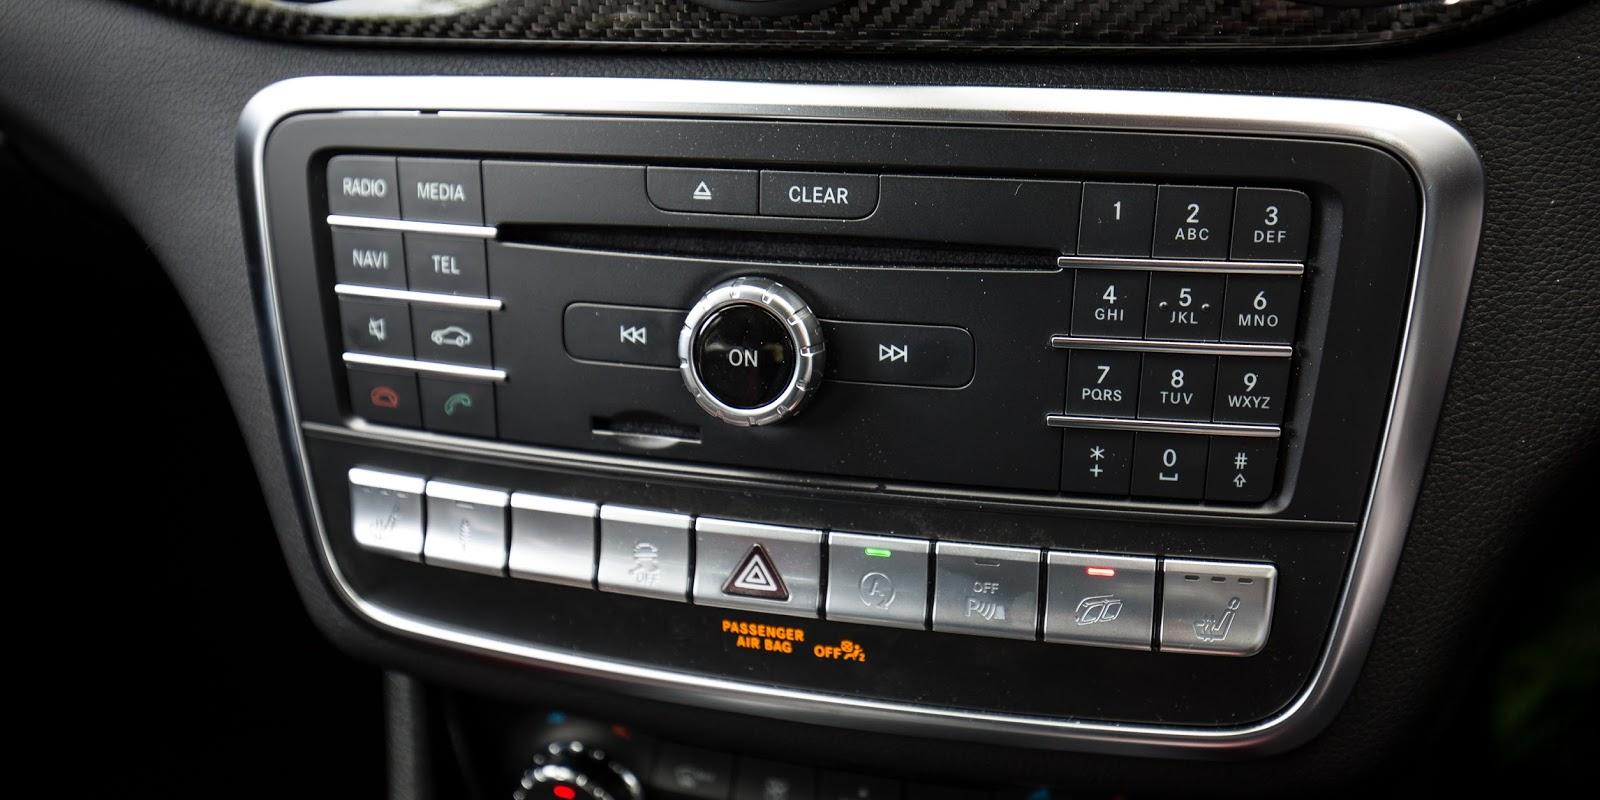 Hệ thống giải trí, kết nối trên xe...tuy nhiên quá nhiều nút bấm